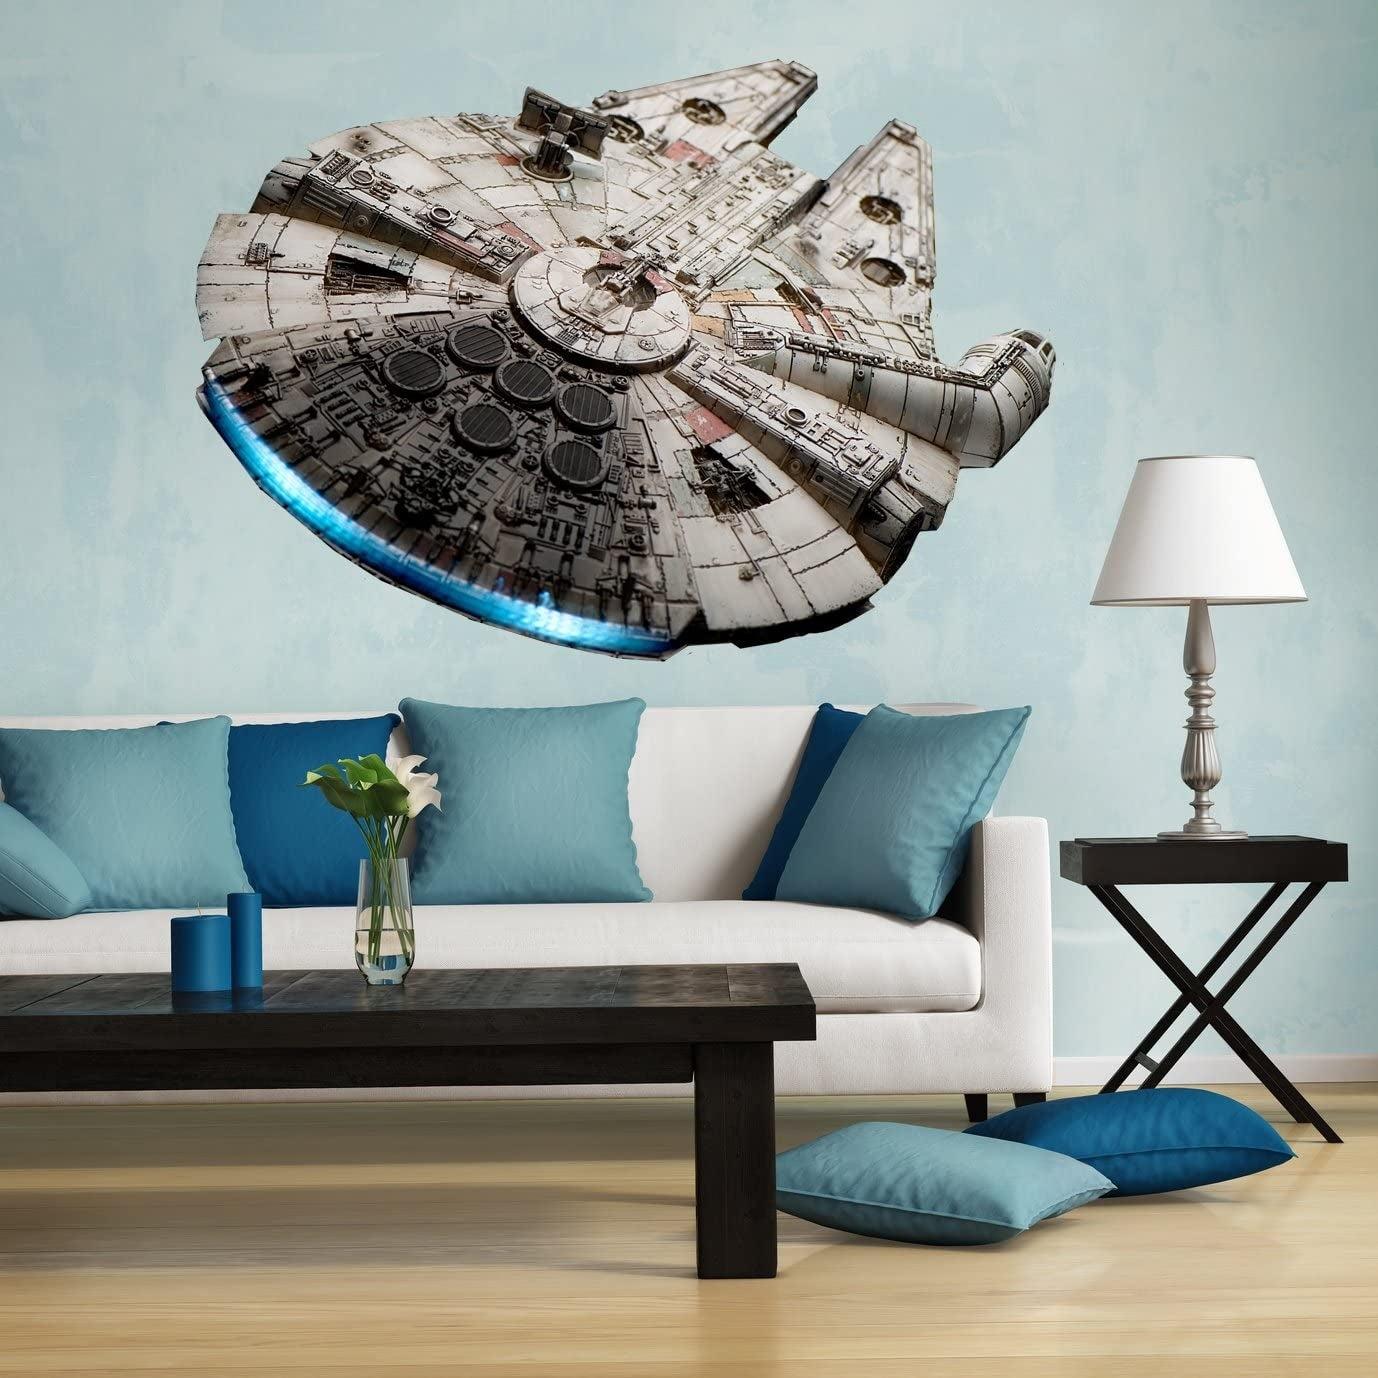 Star Wars Millennium Falcon Magic Window Wall Adhesive Sticker Print Poster 3D